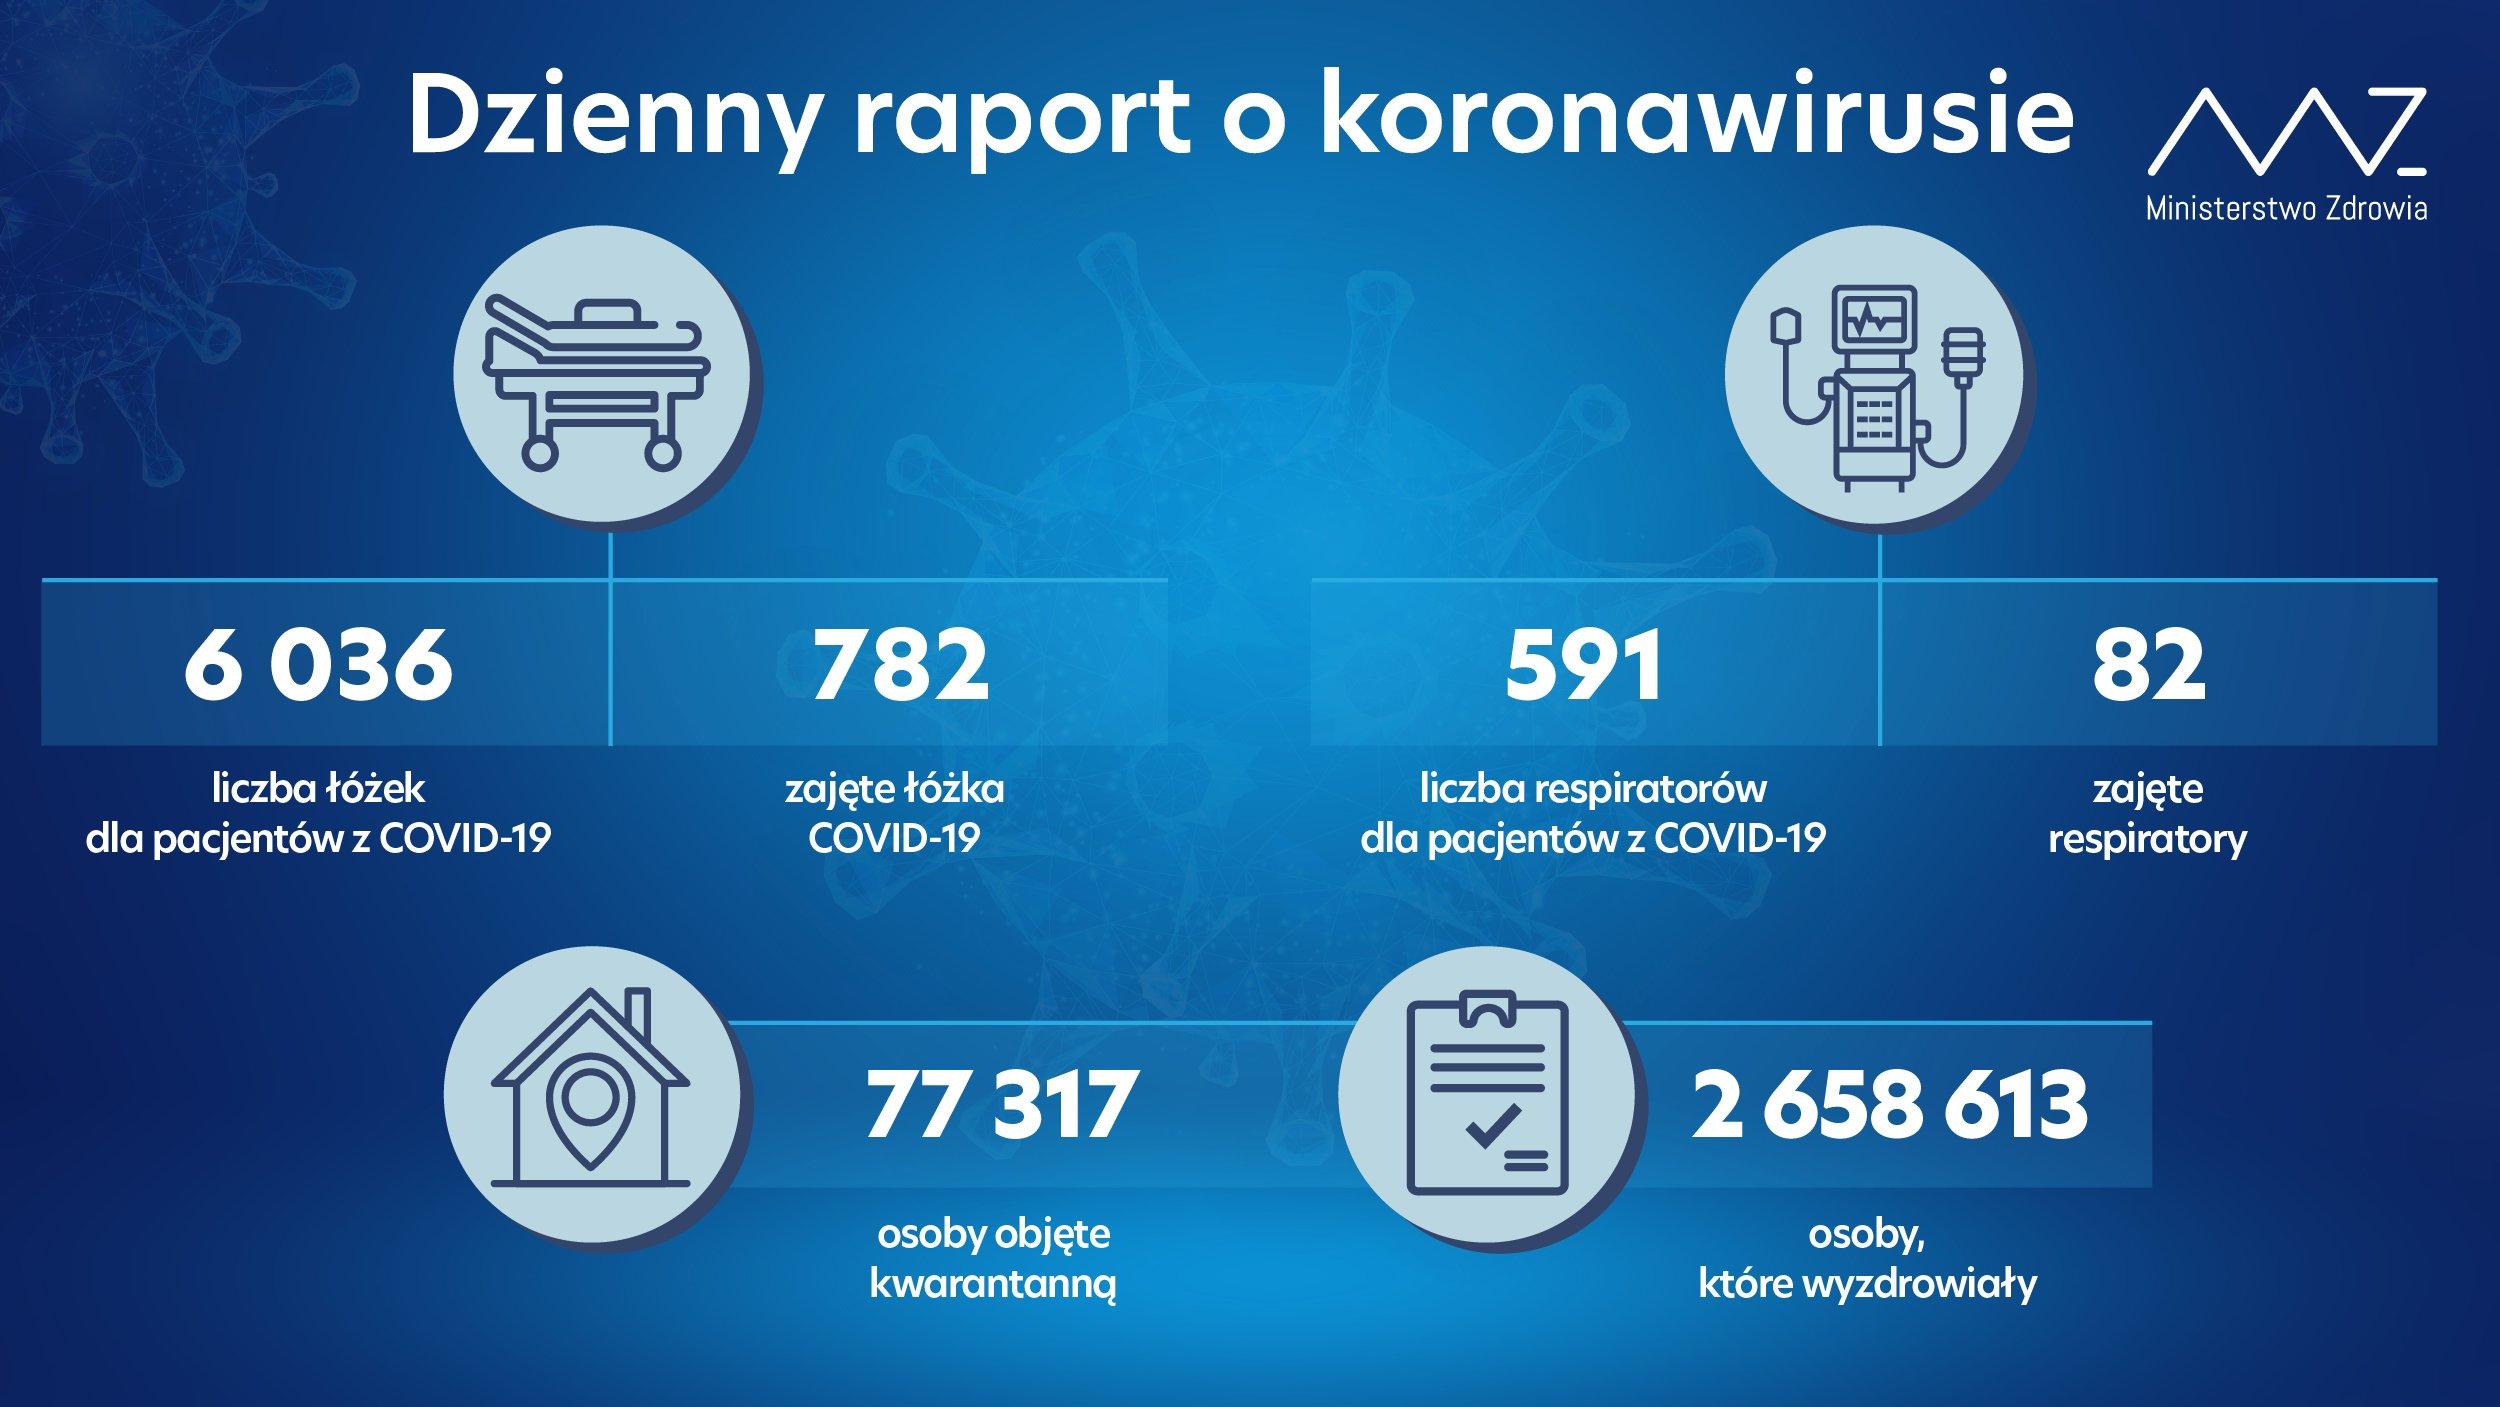 Koronawirus w Polsce 14 września 2021 roku – raport Ministerstwa Zdrowia